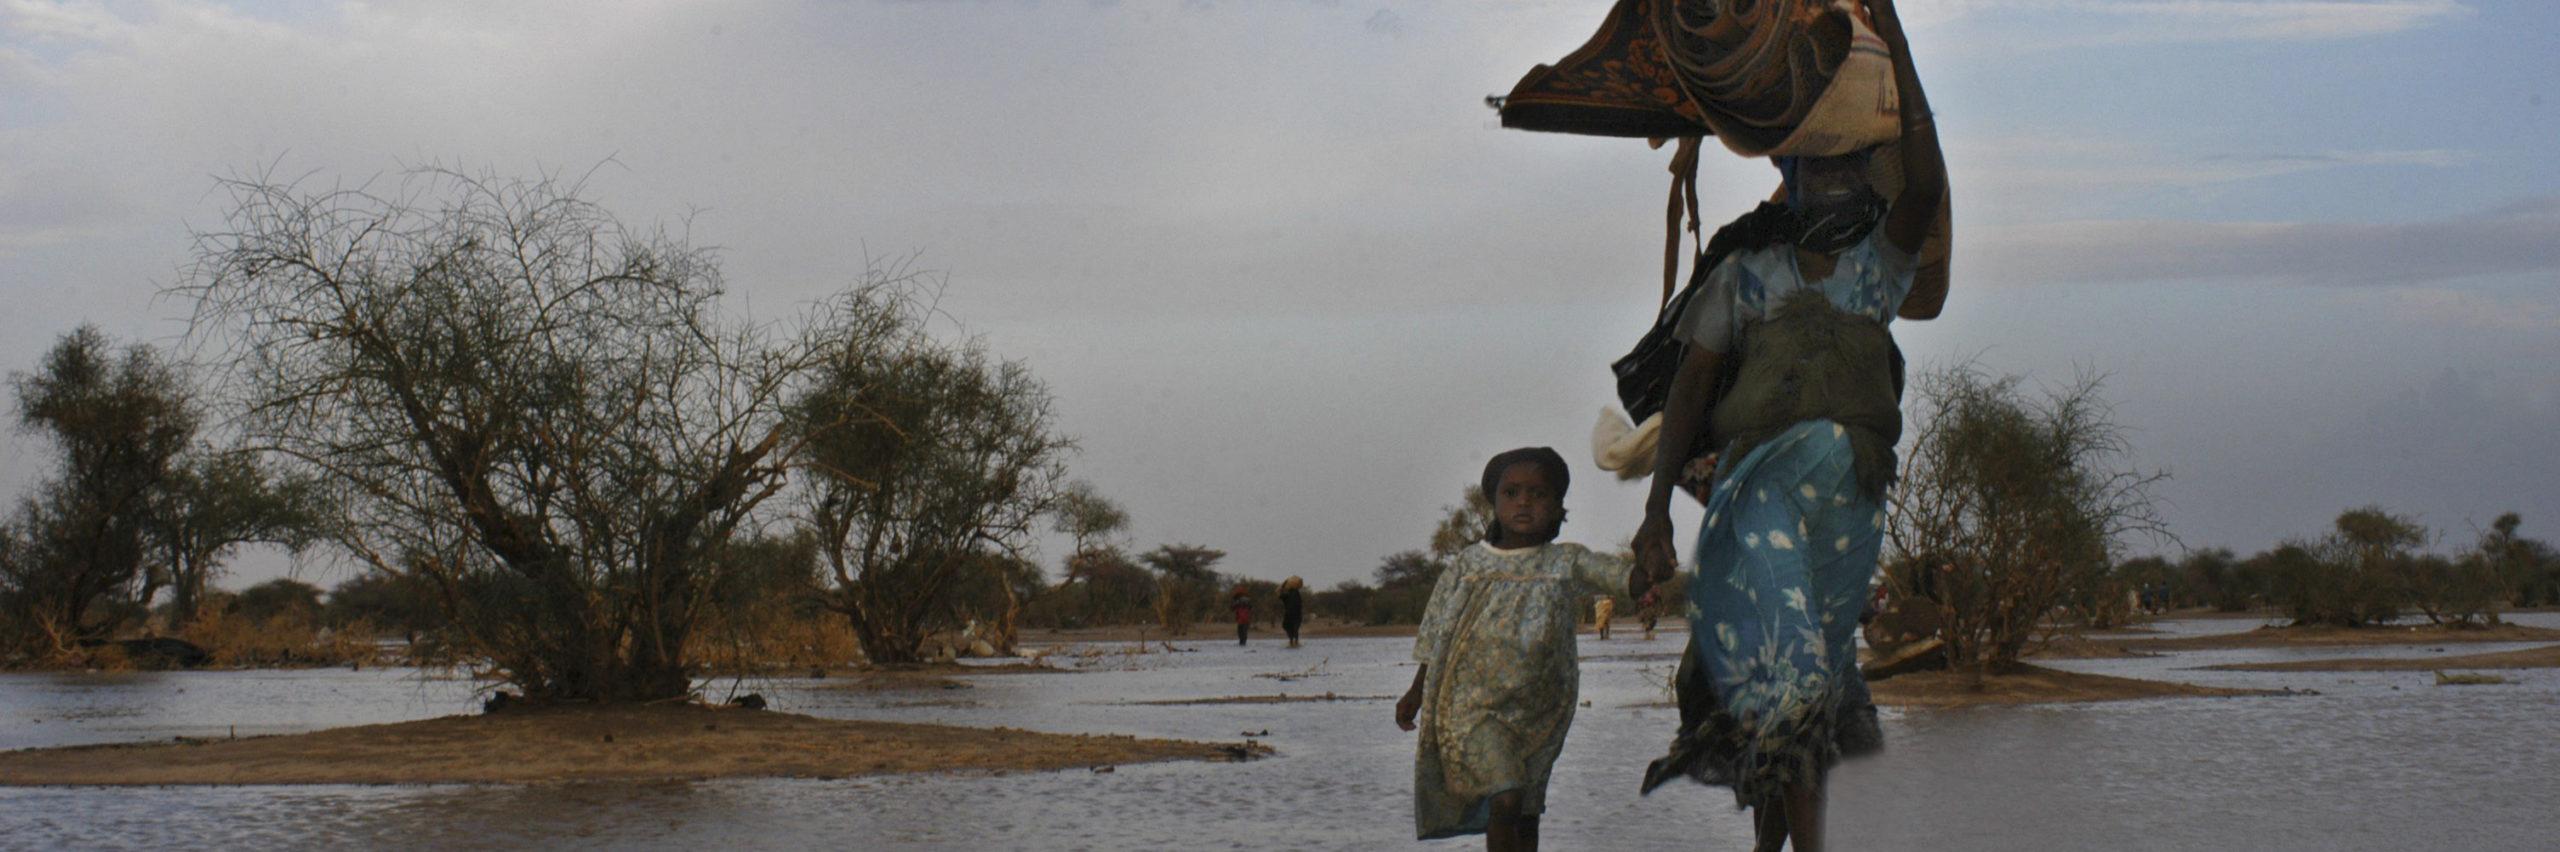 UNHCR Photo